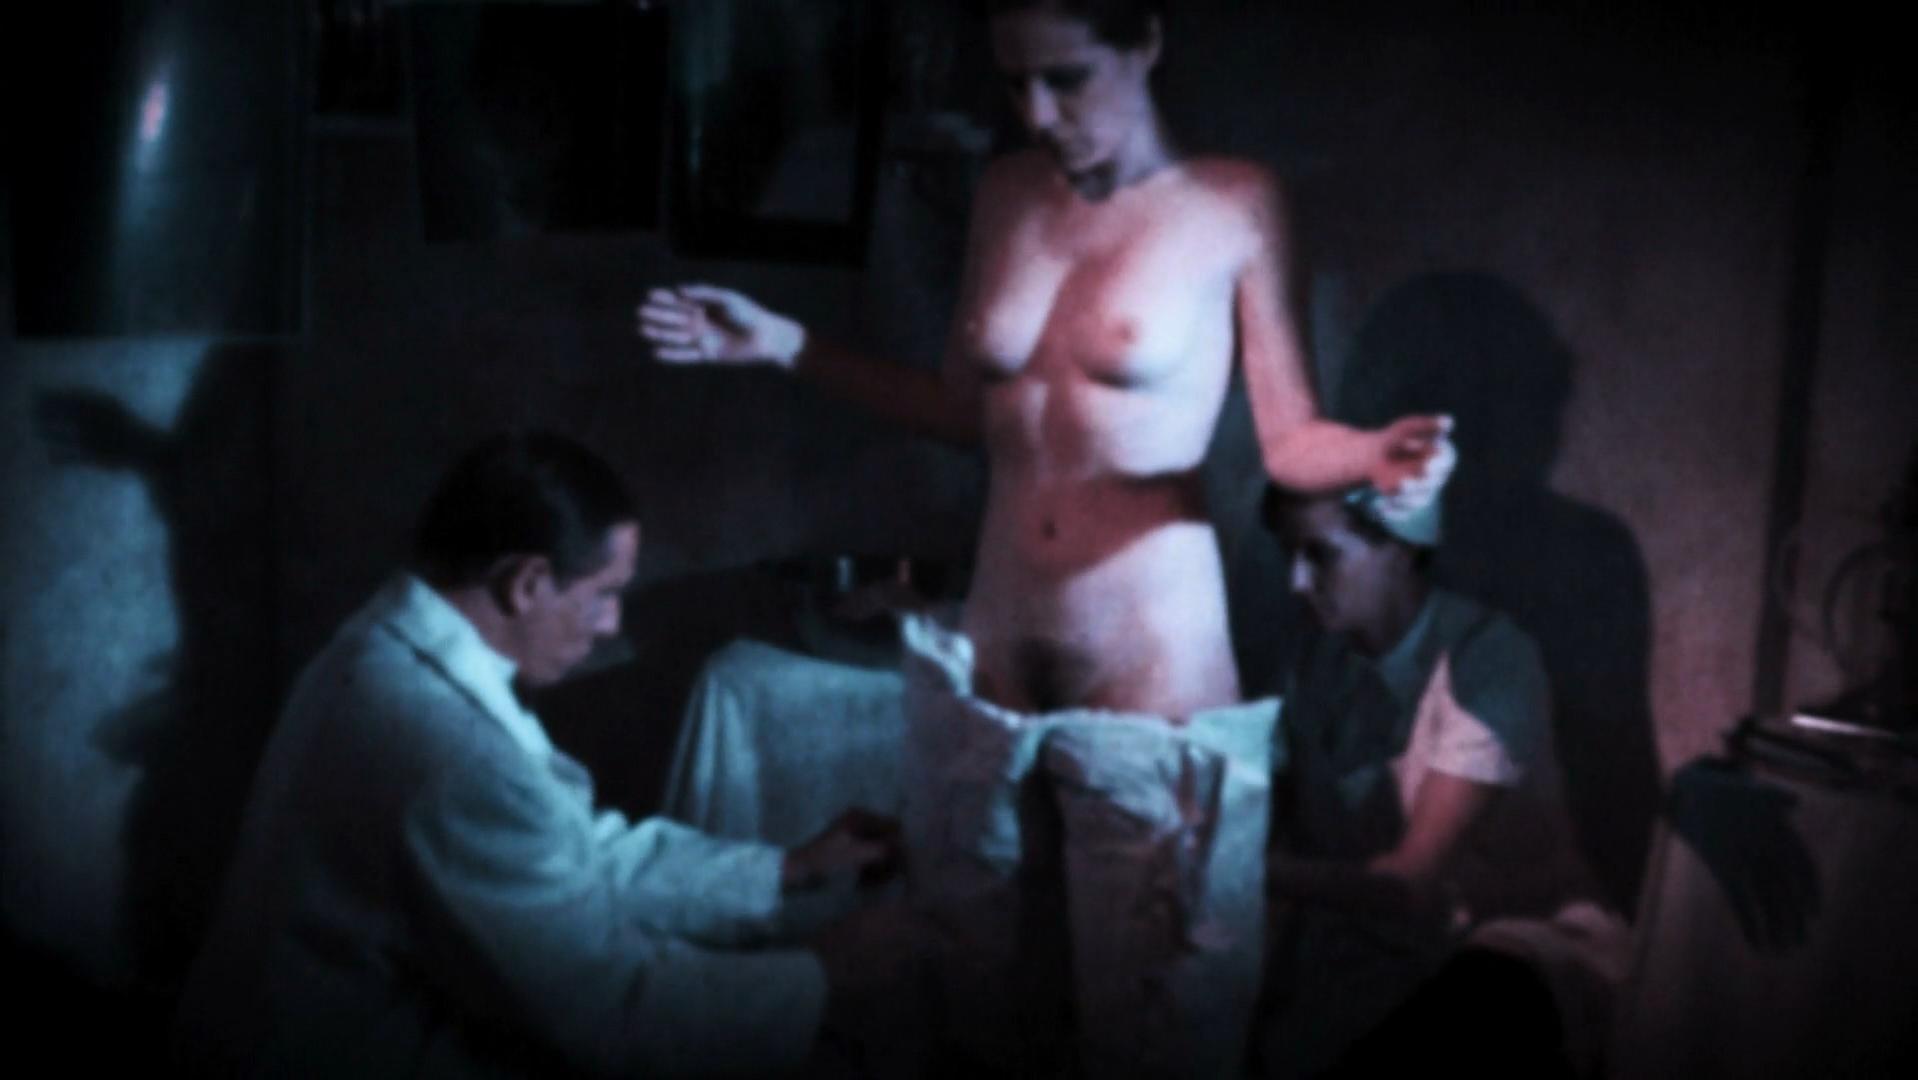 Caroline Dhavernas nude, Clara Furey nude - The Forbidden Room (2015)